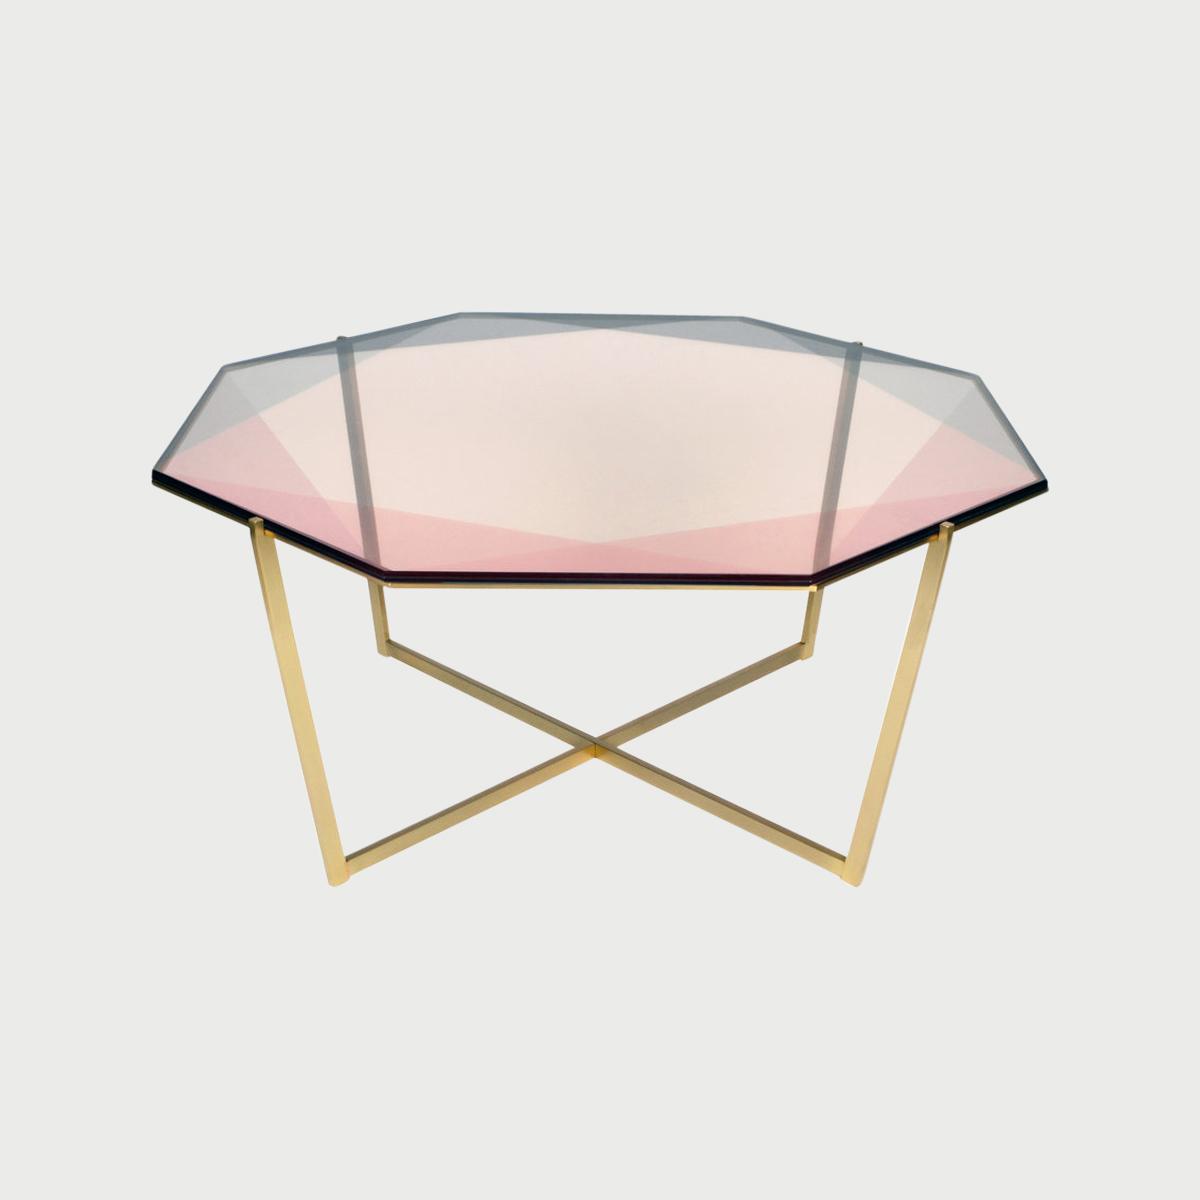 Gem Octagonal Coffee Table